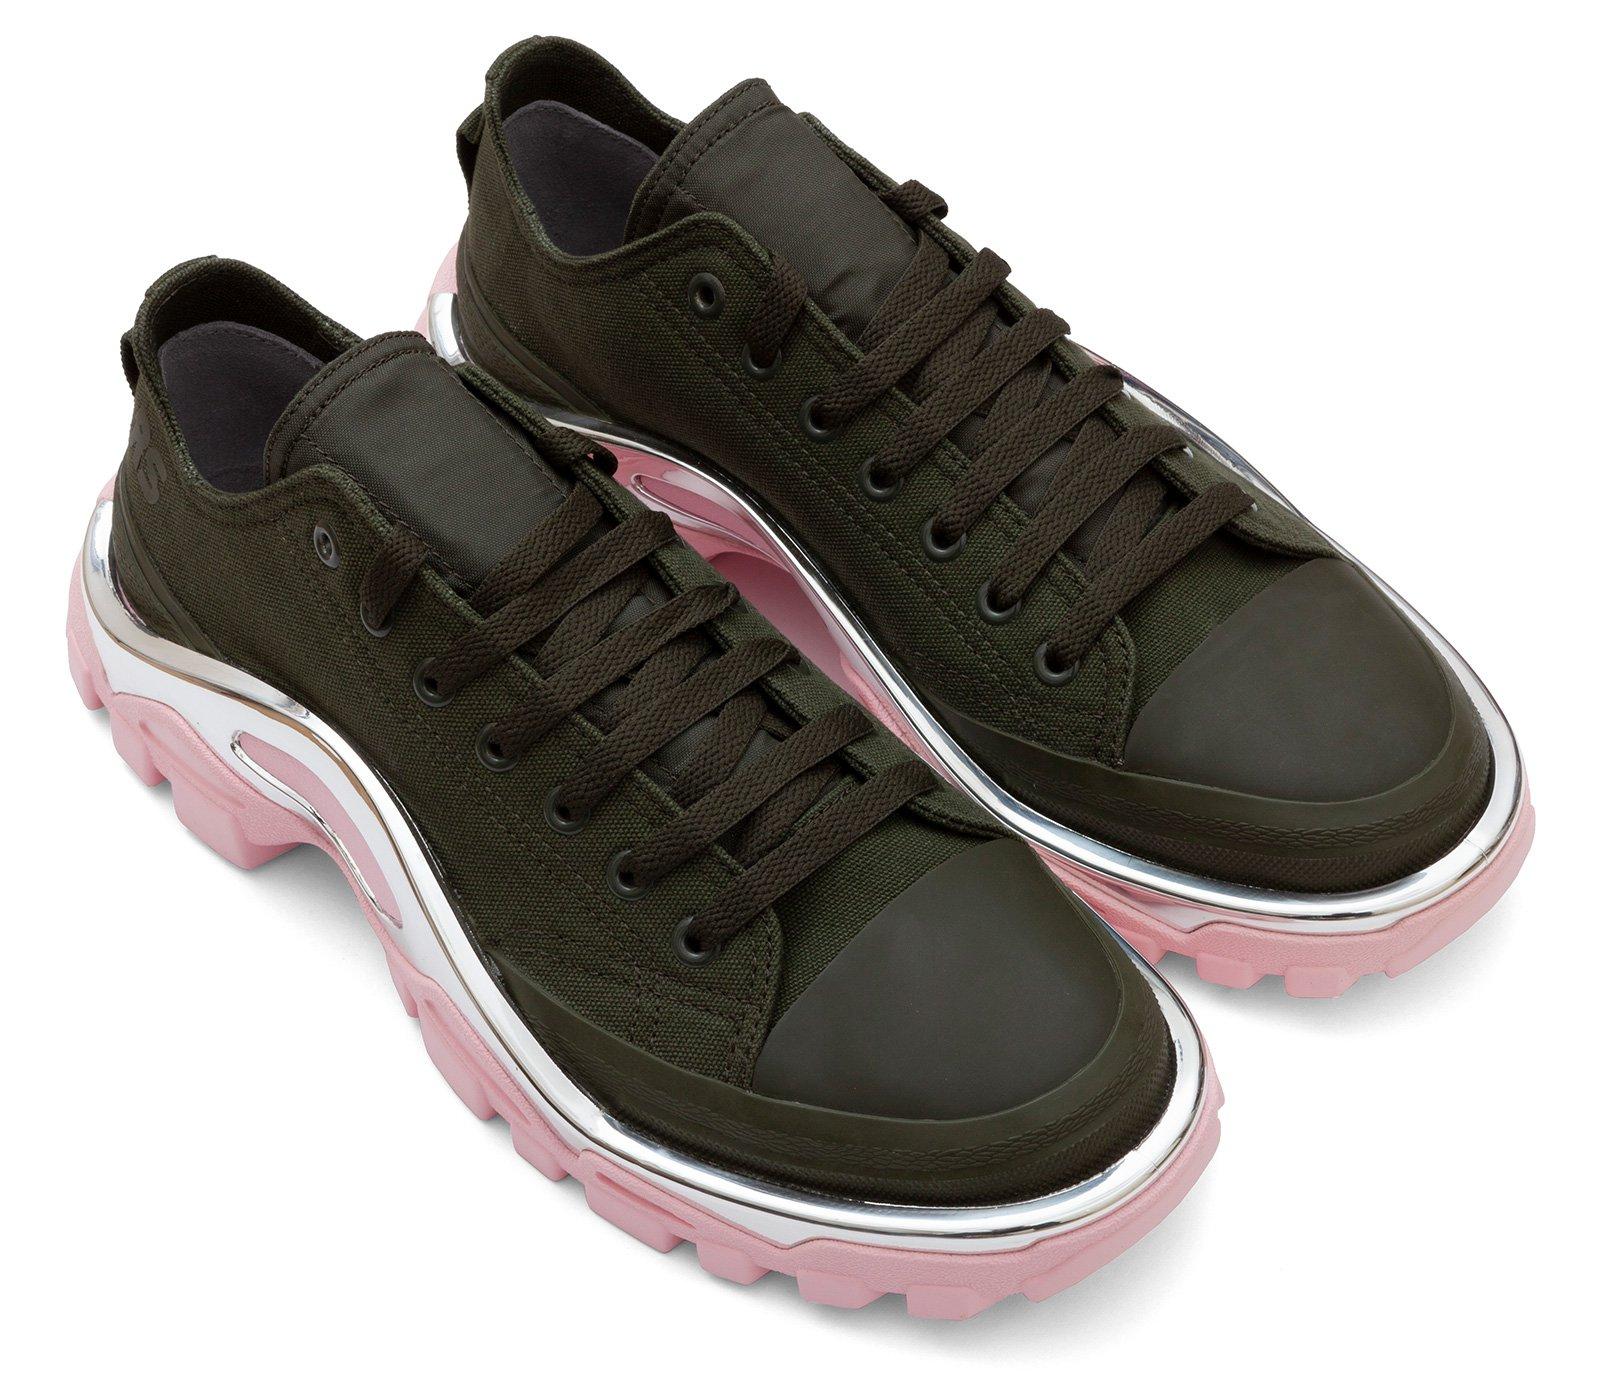 separation shoes fc7aa 63b7b Vale lembrar que a parceria do estilista com a fabricante esportiva já  lançou modelos icônicos, como Ozweego, Raf Simons X Stan Smith e Terrex.